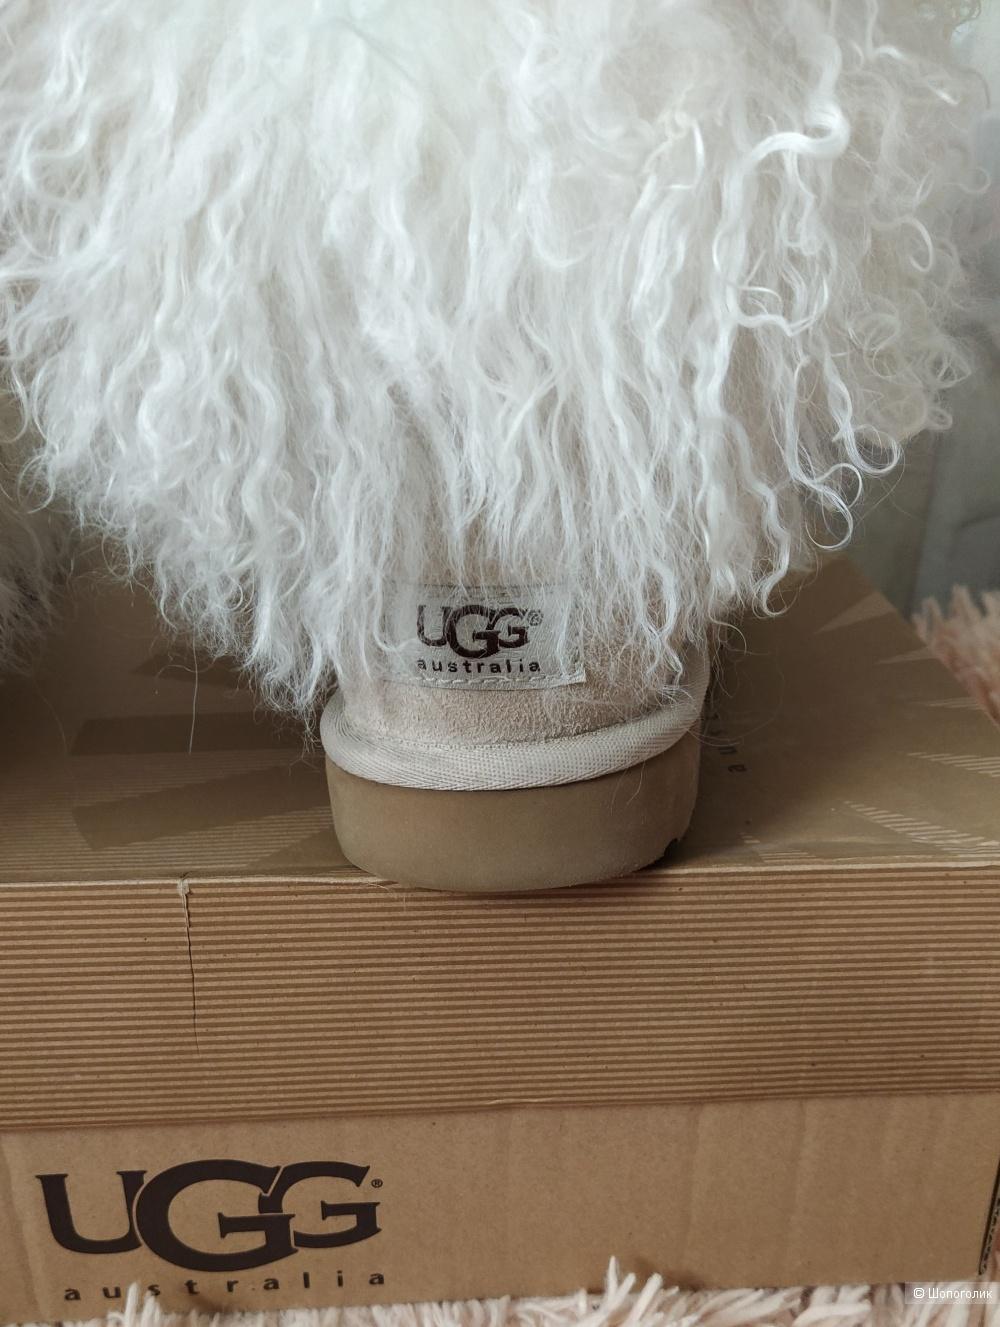 Ugg Australia,40 EU, 9 USA